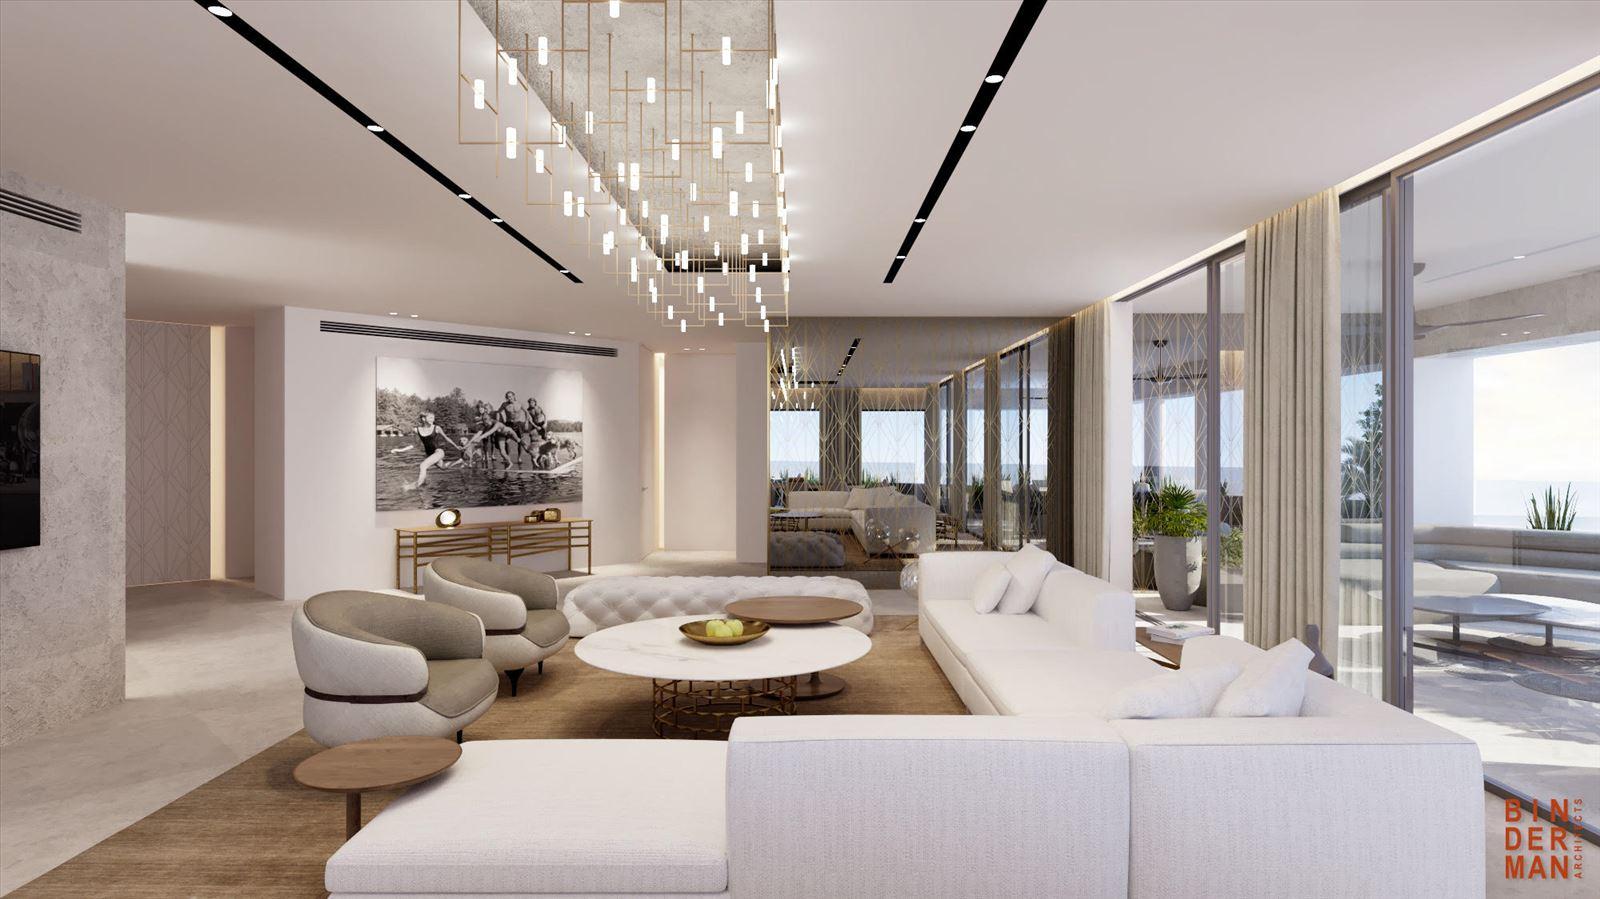 פרויקט הדמיה של בית פרטי - תאורת הסלון נעשתה על ידי דורי קמחי